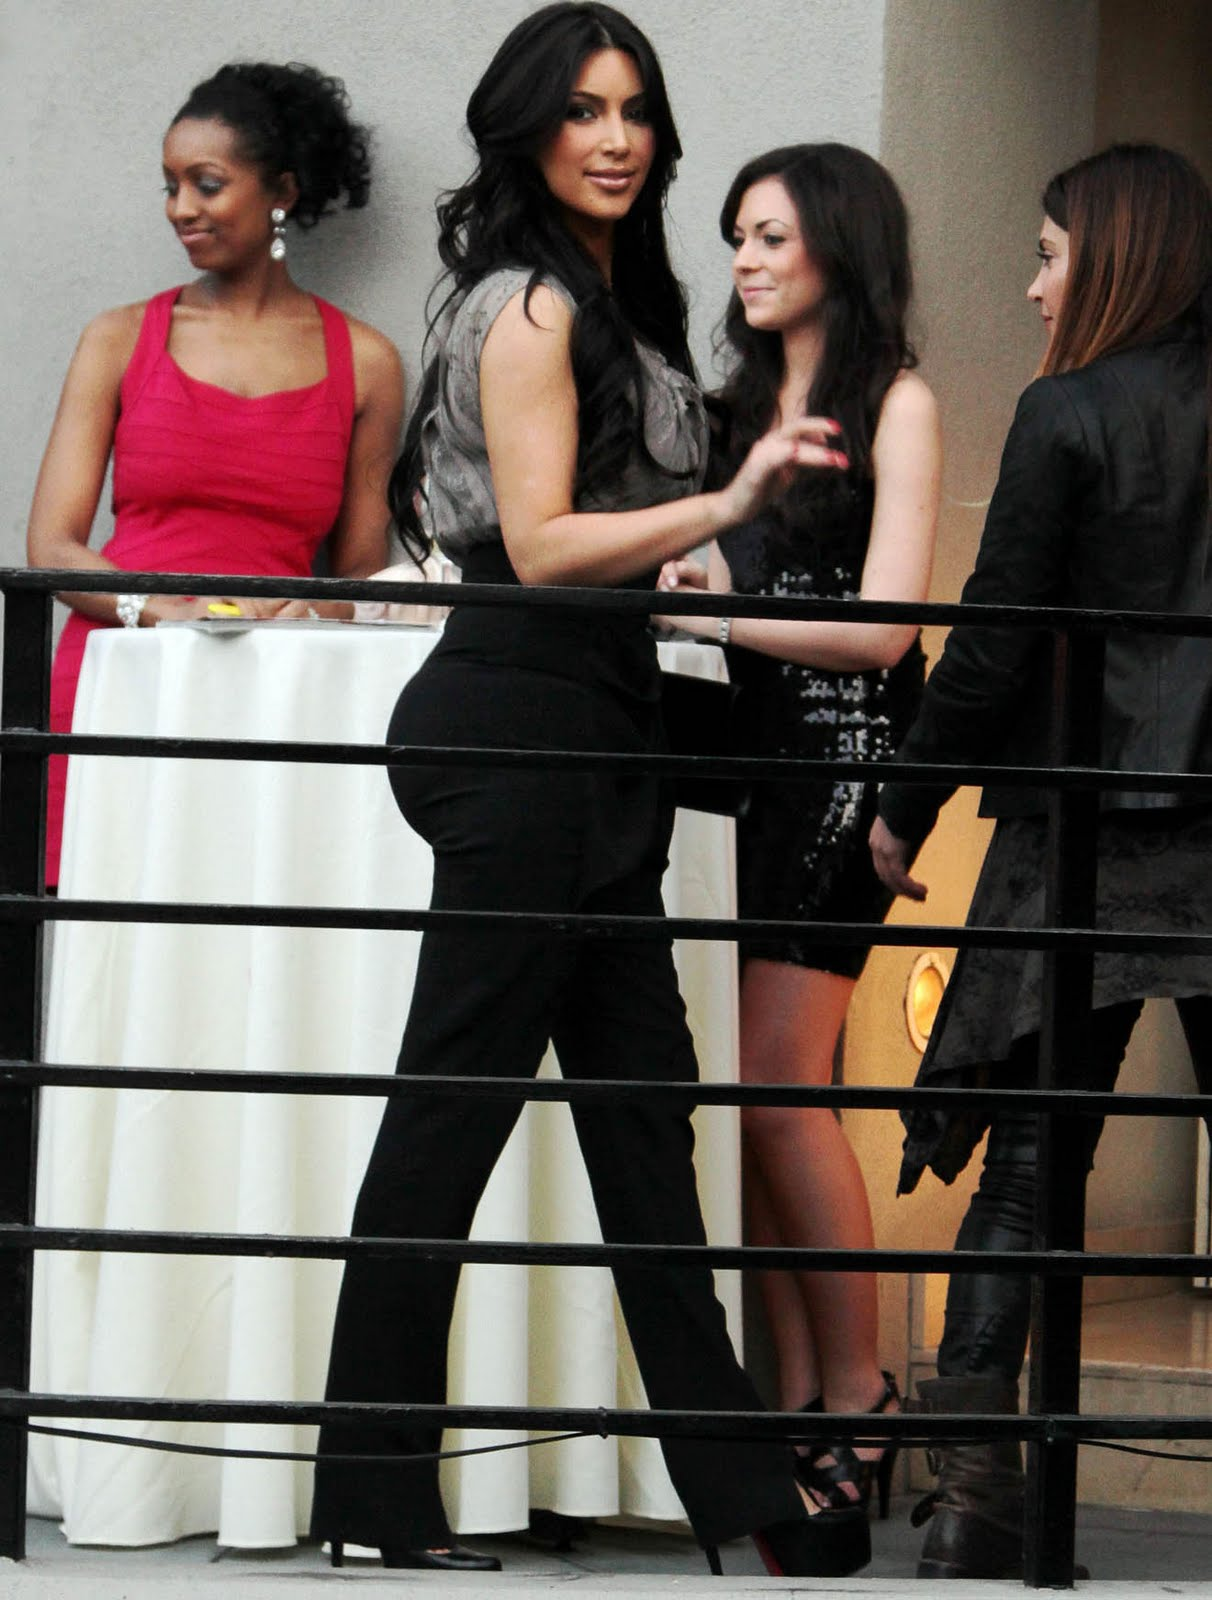 kim kardashian booty